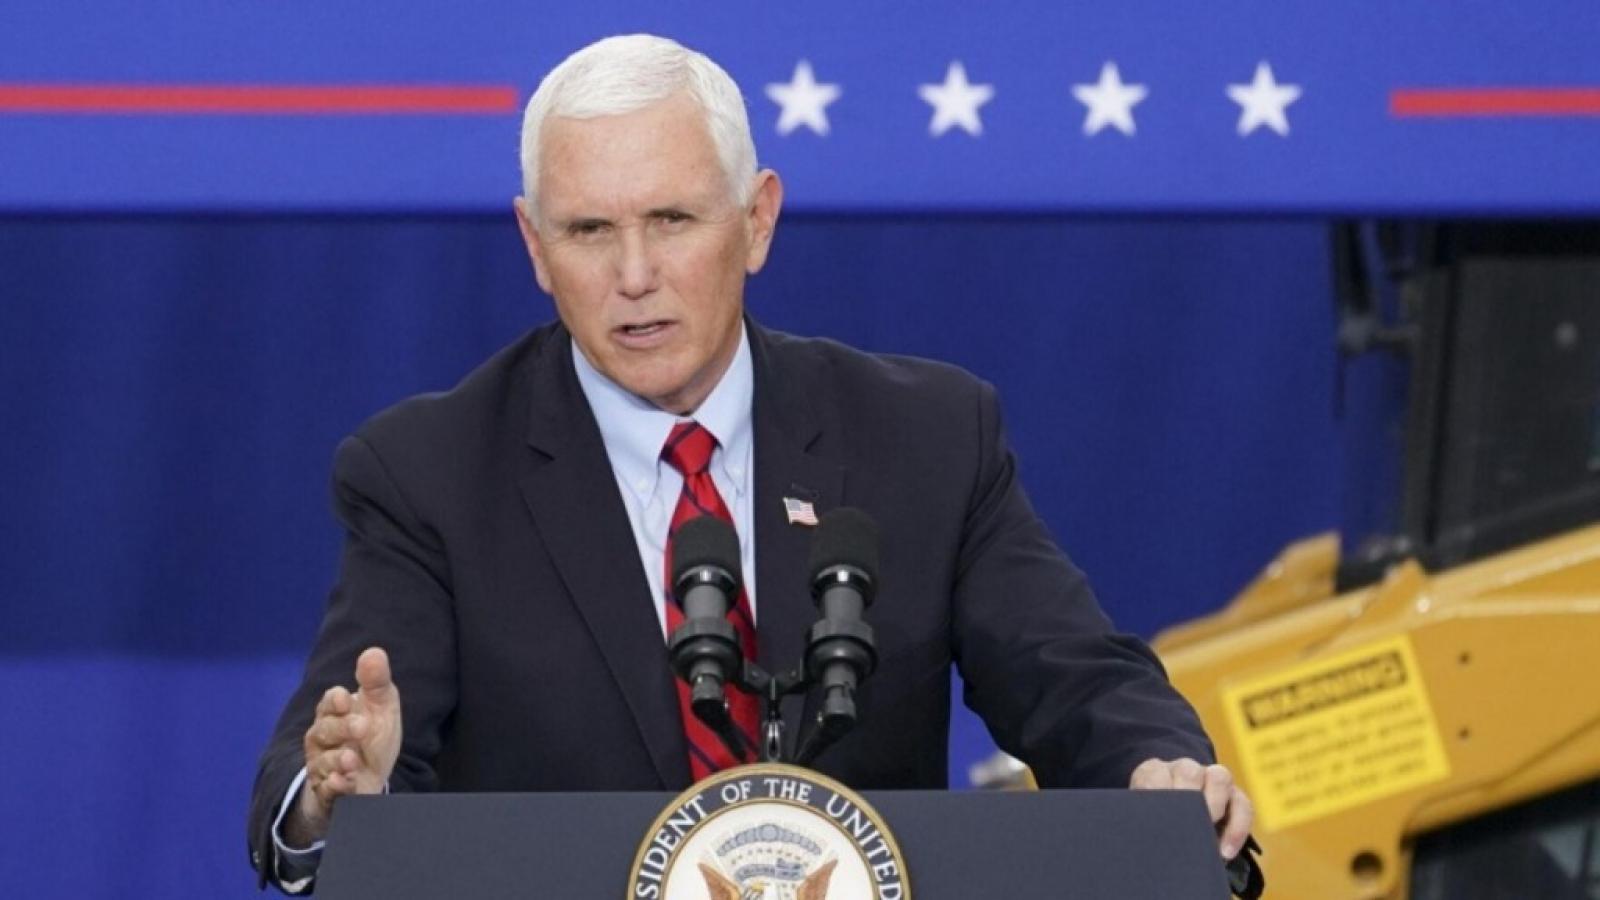 Phó Tổng thống Mỹ Mike Pence có đủ thẩm quyền để đảo ngược chiến thắng của ông Biden?